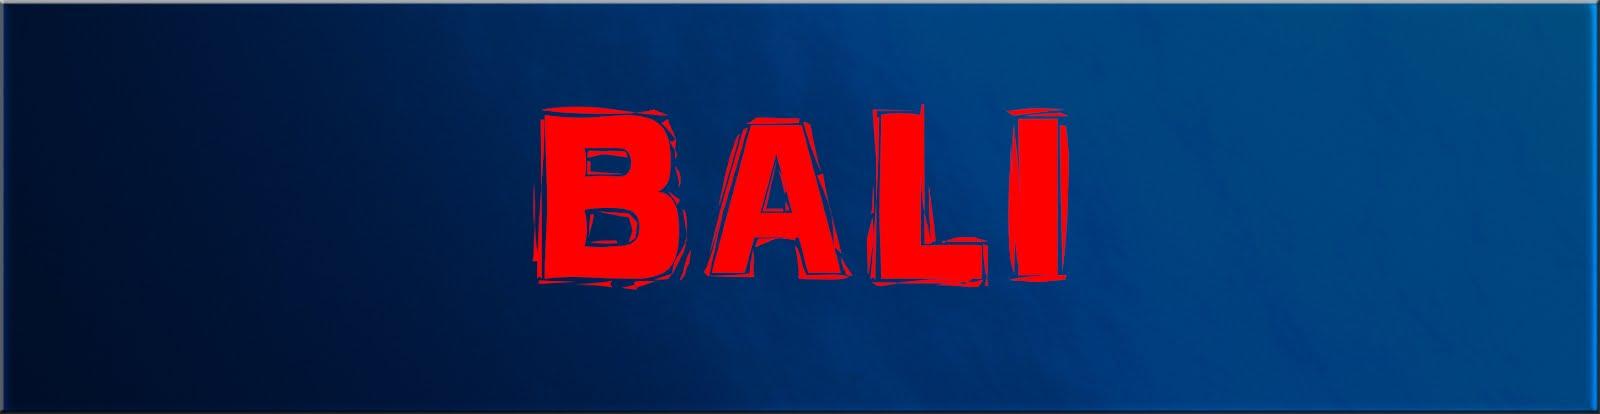 BALI 14